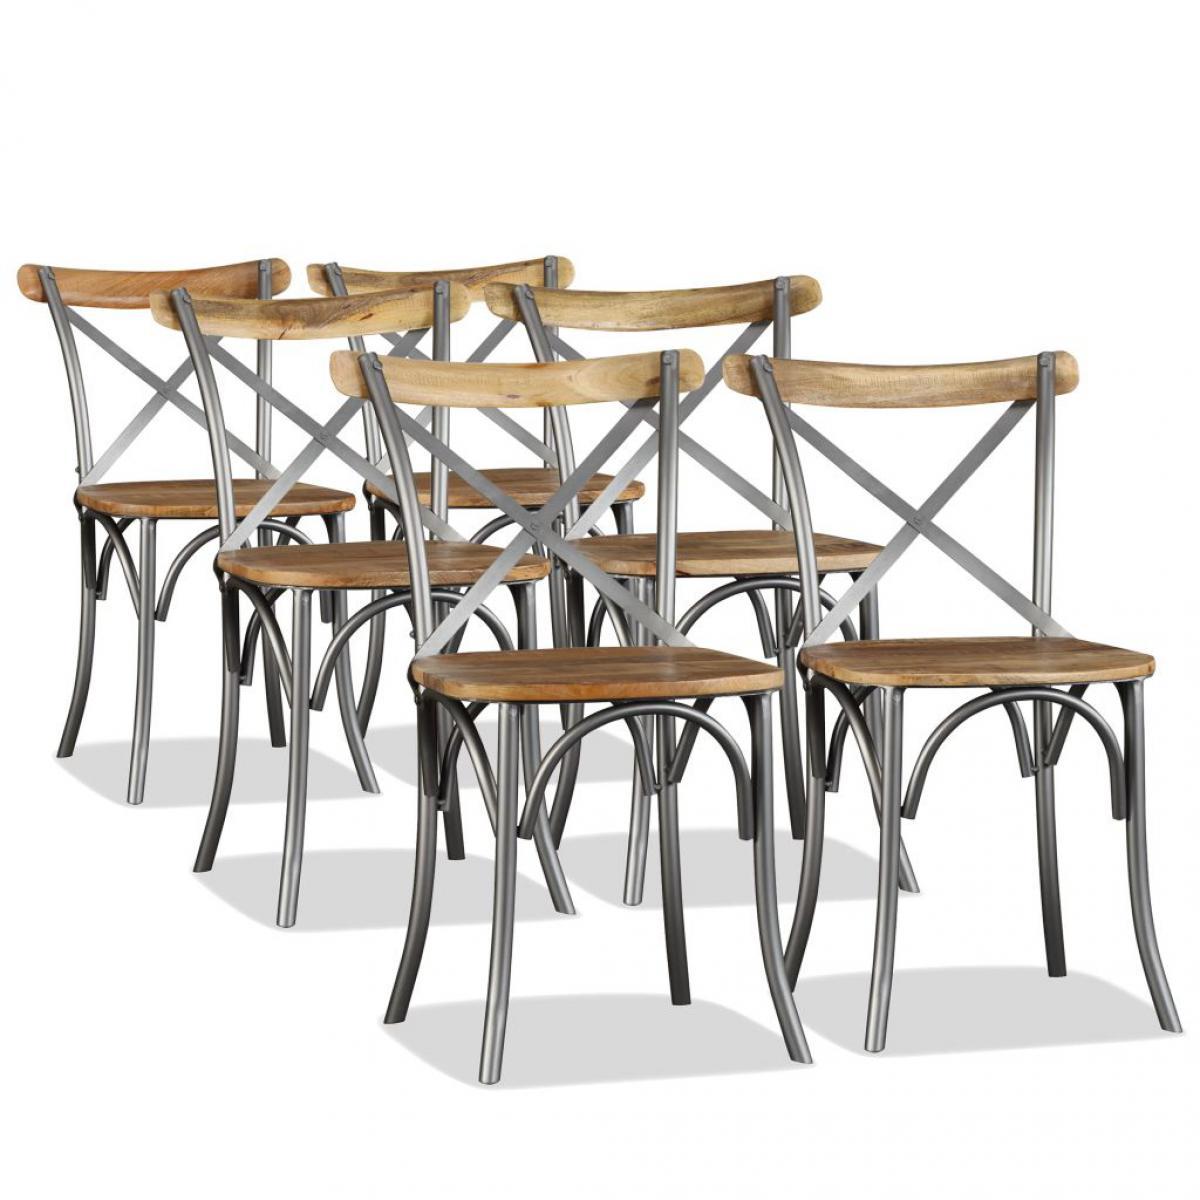 Chunhelife Chaise de salle à manger 6 pcs Bois de manguier massif et acier